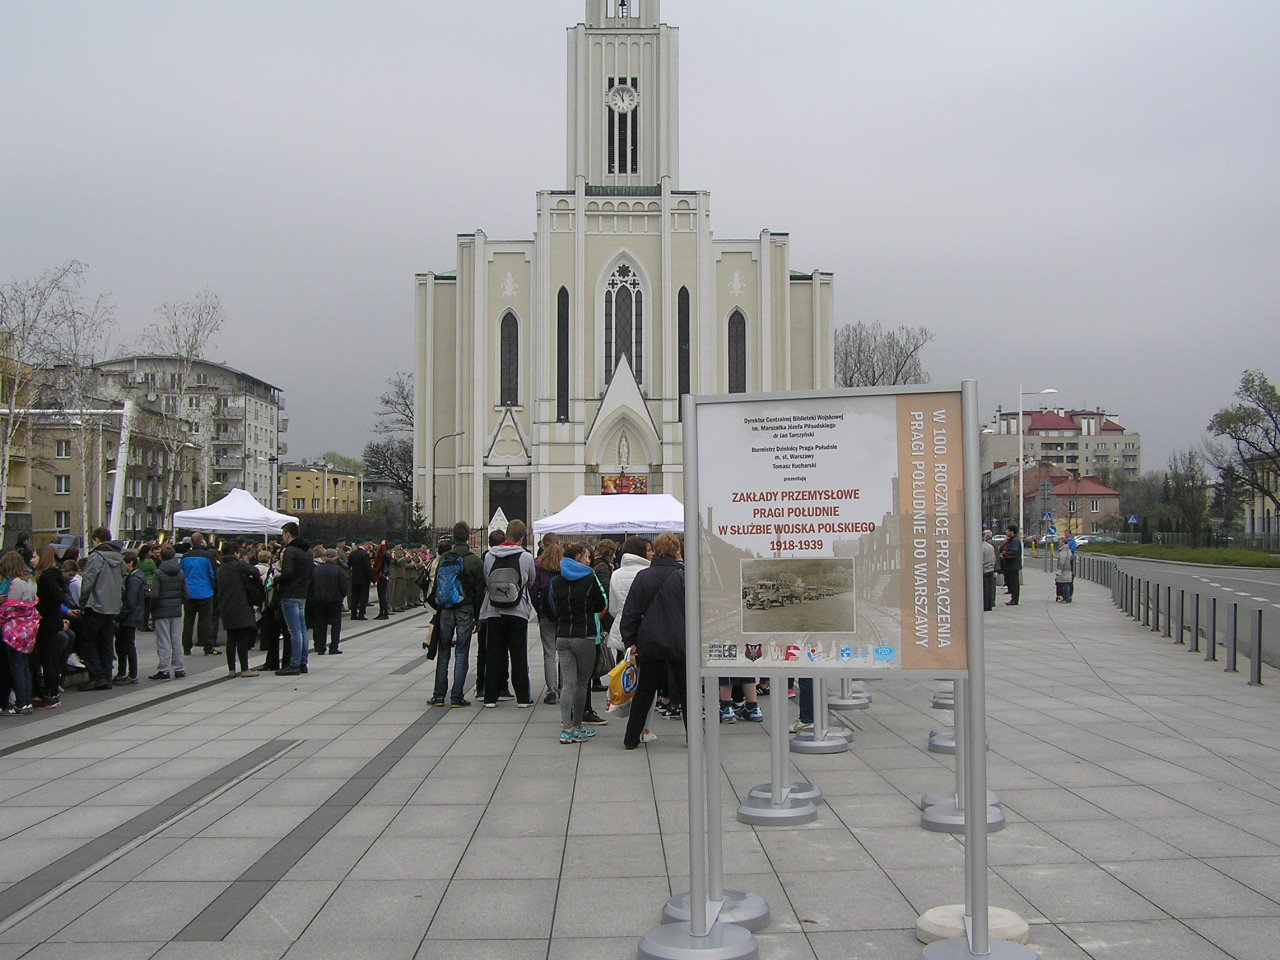 Historyczna wystawa militarna na Placu Szembeka